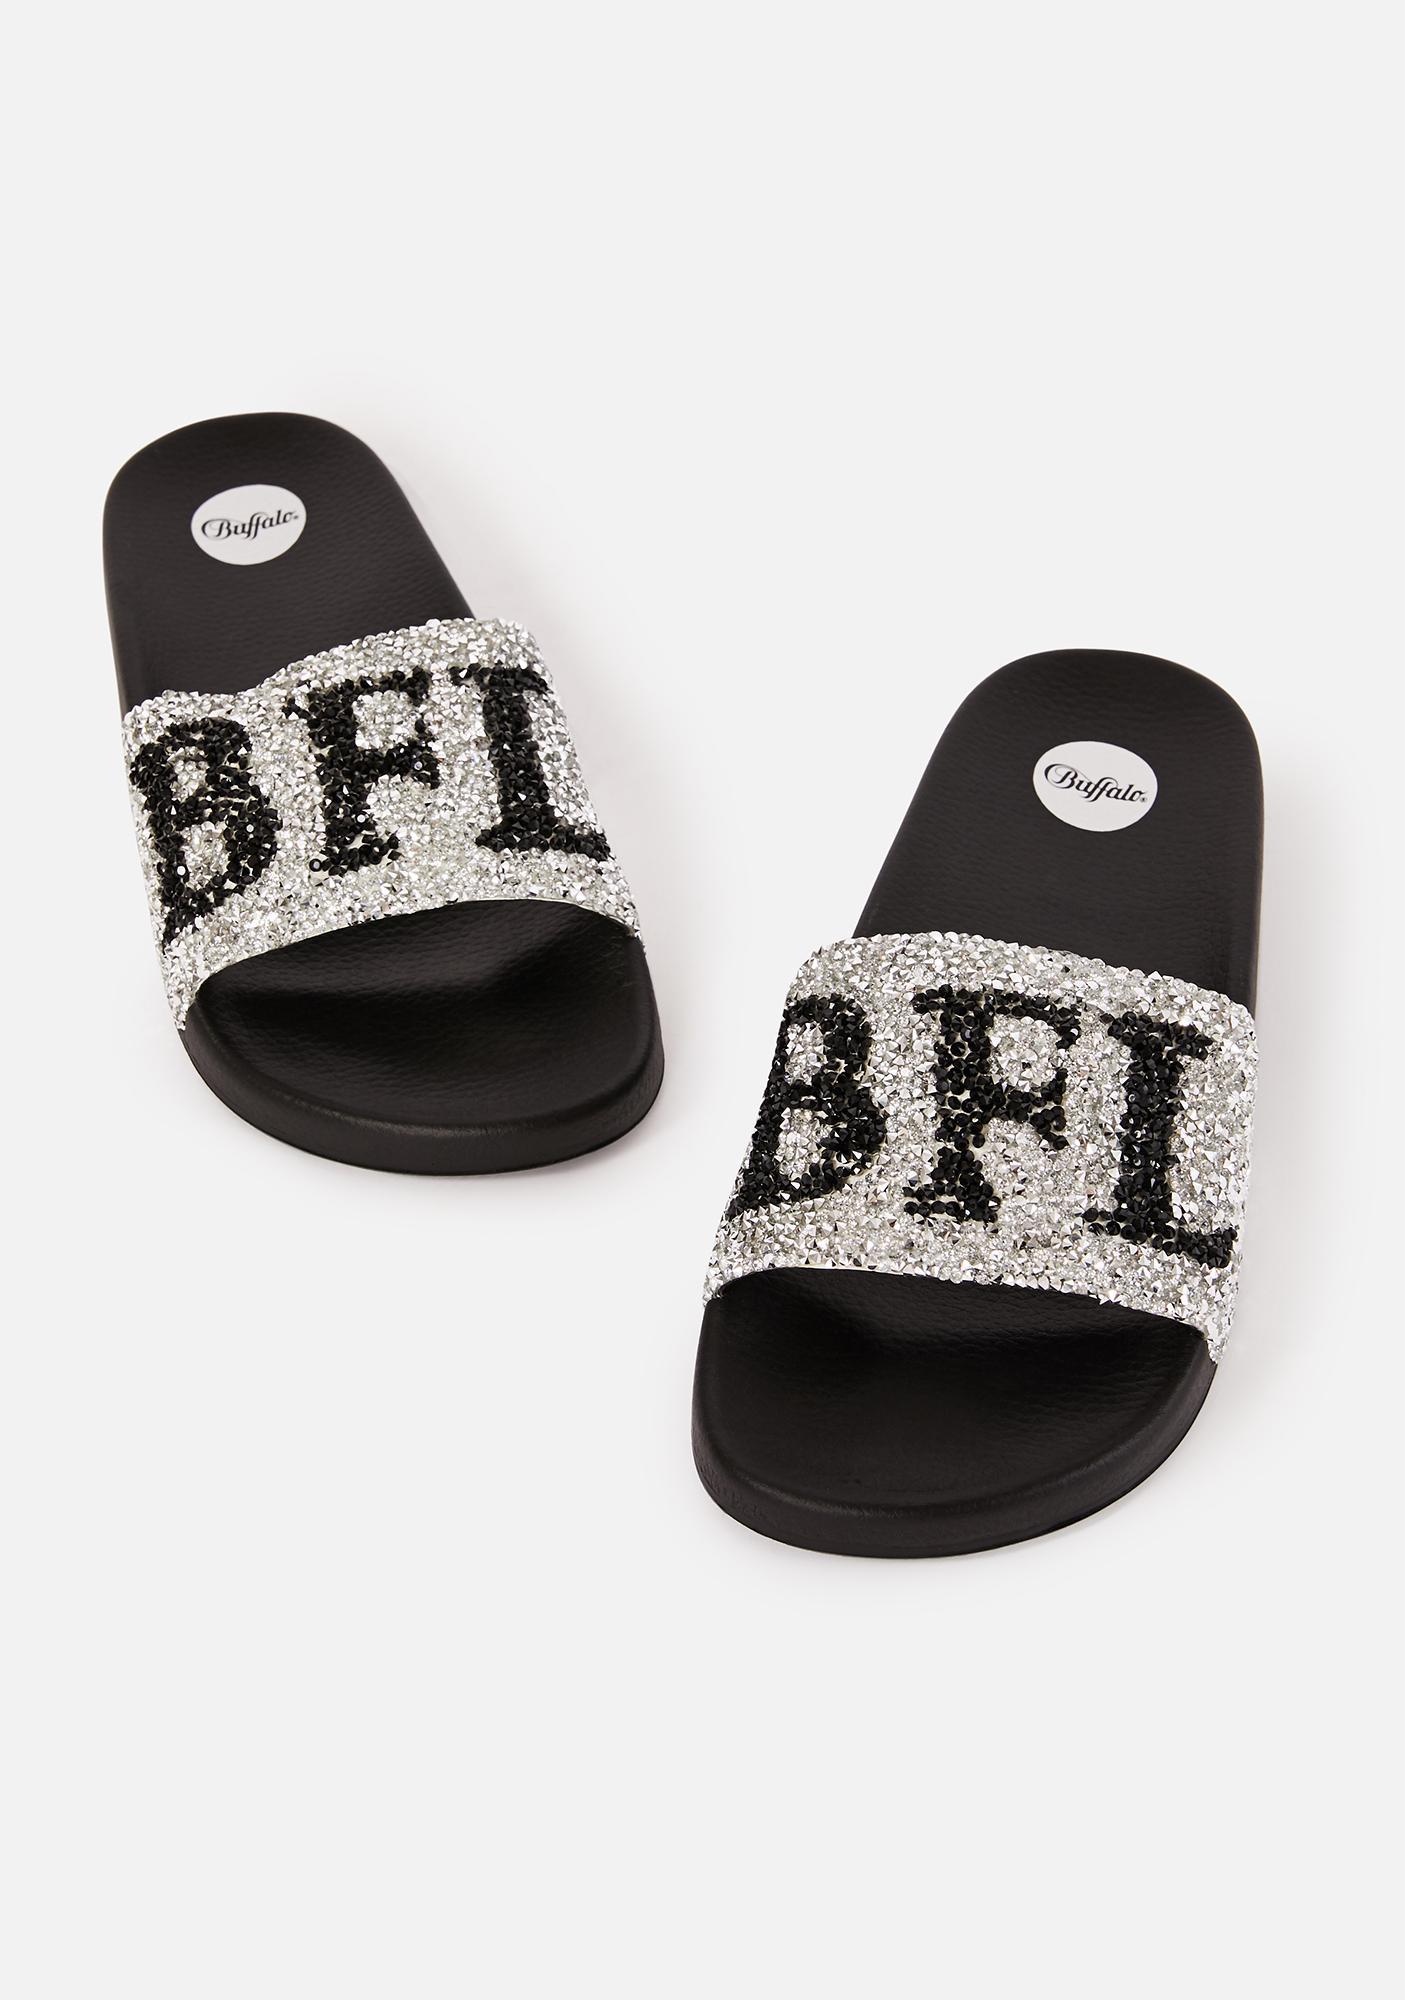 Buffalo Silver Joelle Slide Sandals